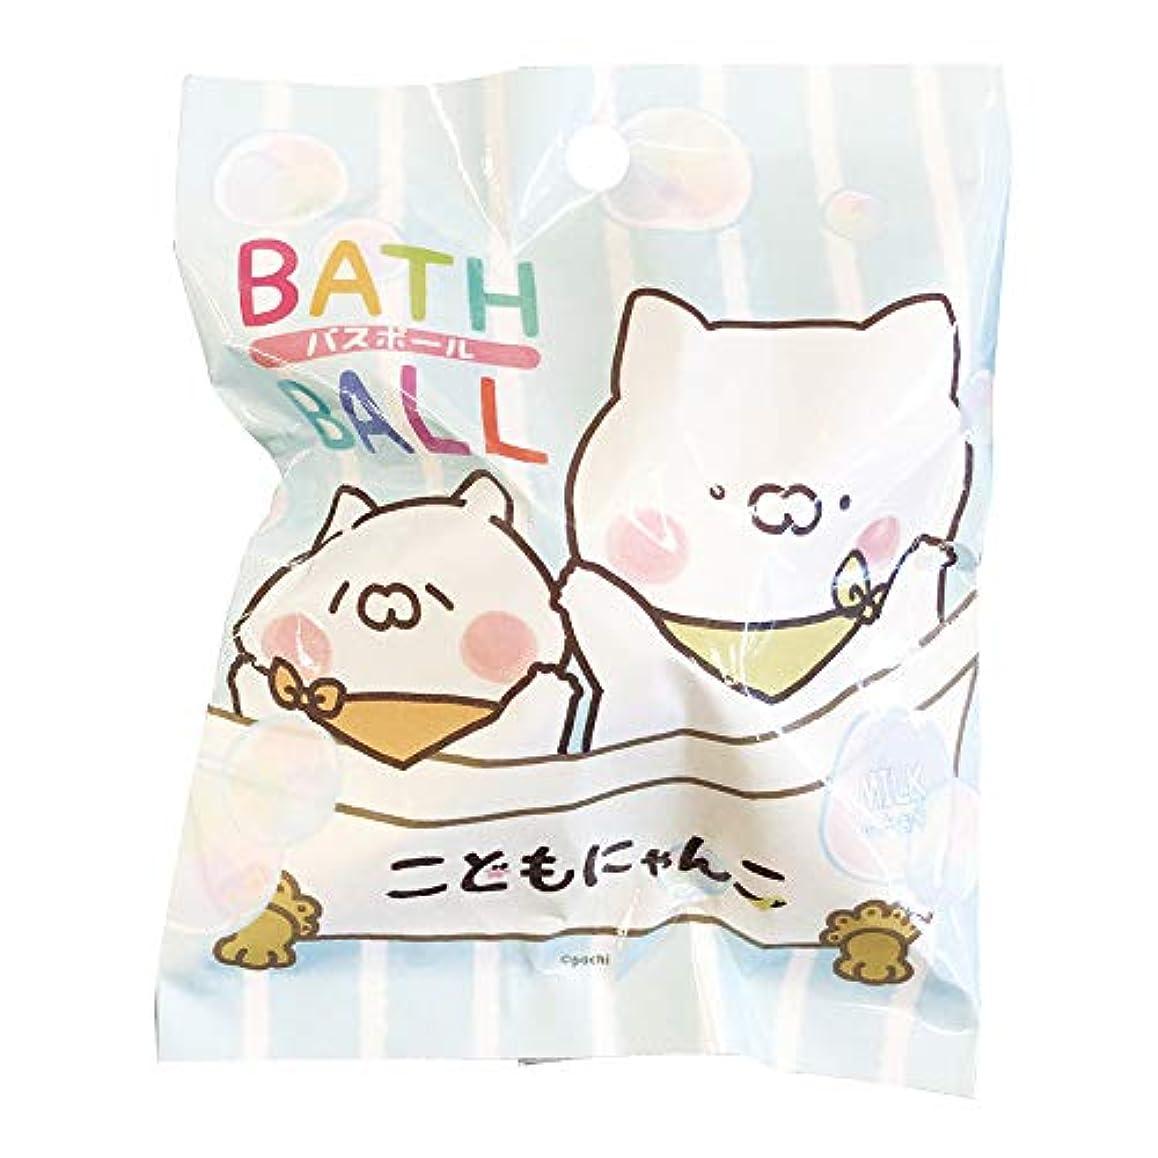 枕拍手苦いノルコーポレーション バスボール こどもにゃんこ おまけ付き ABD-043-001 入浴剤 ミルクの香り 50g